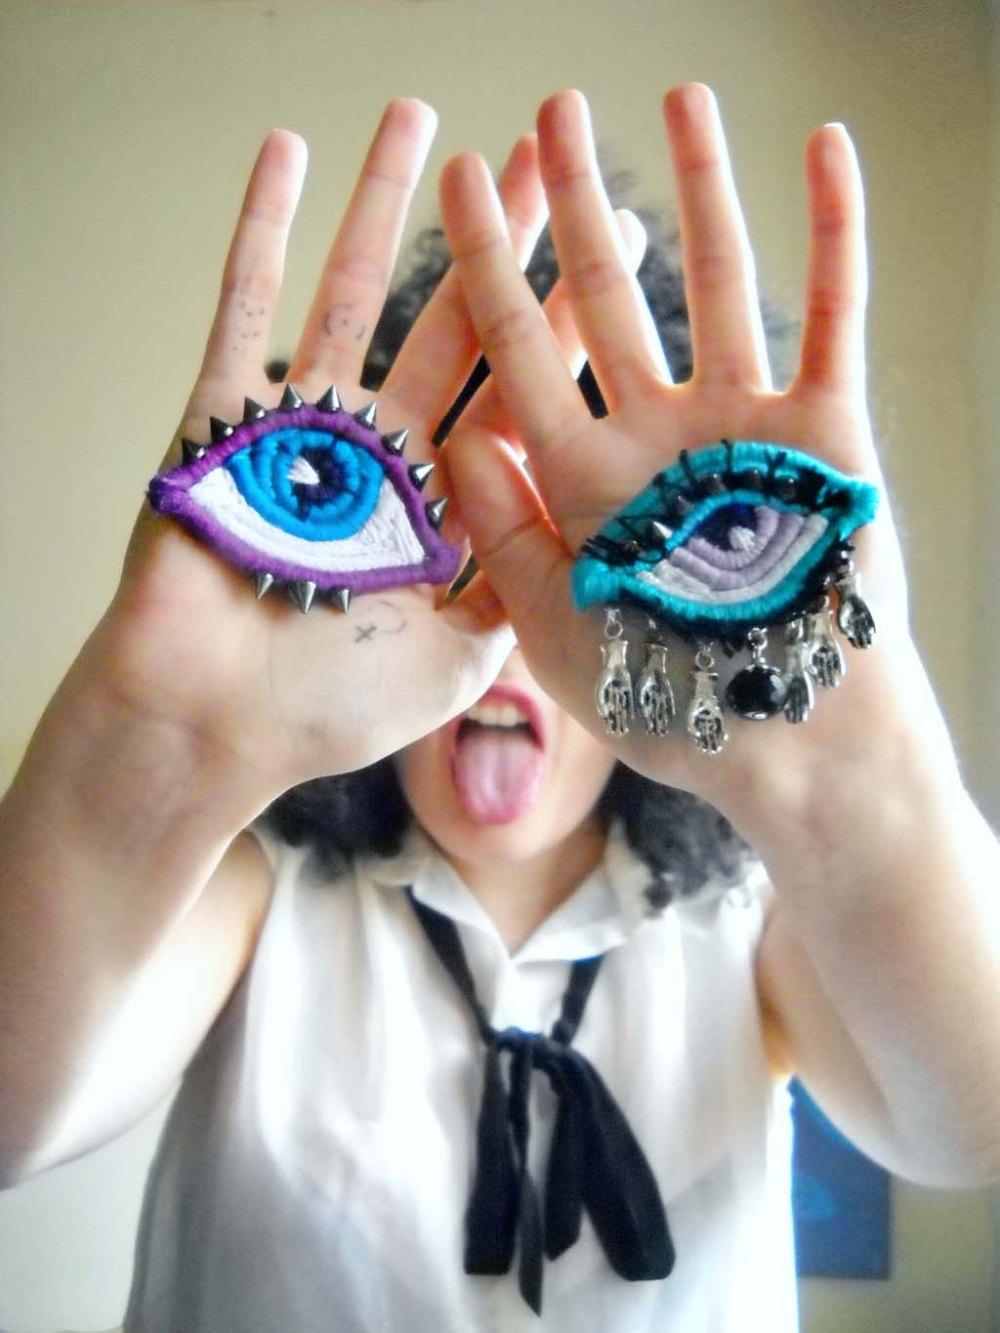 autoritratto linguaccia e occhi